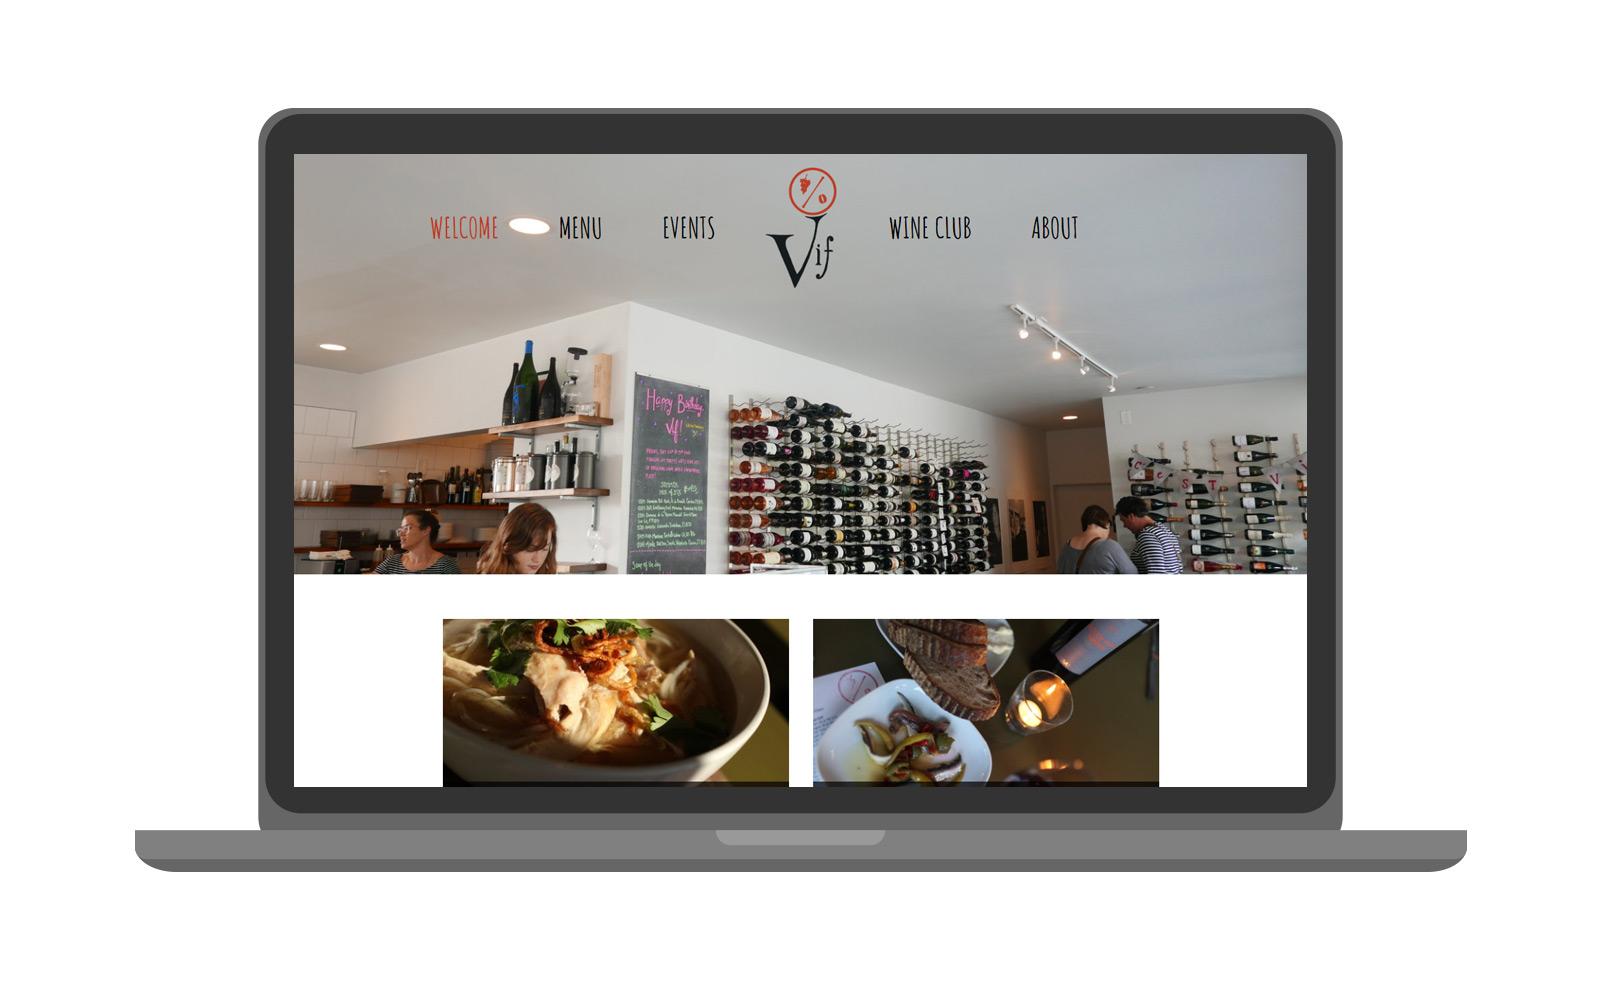 Vif | Website -